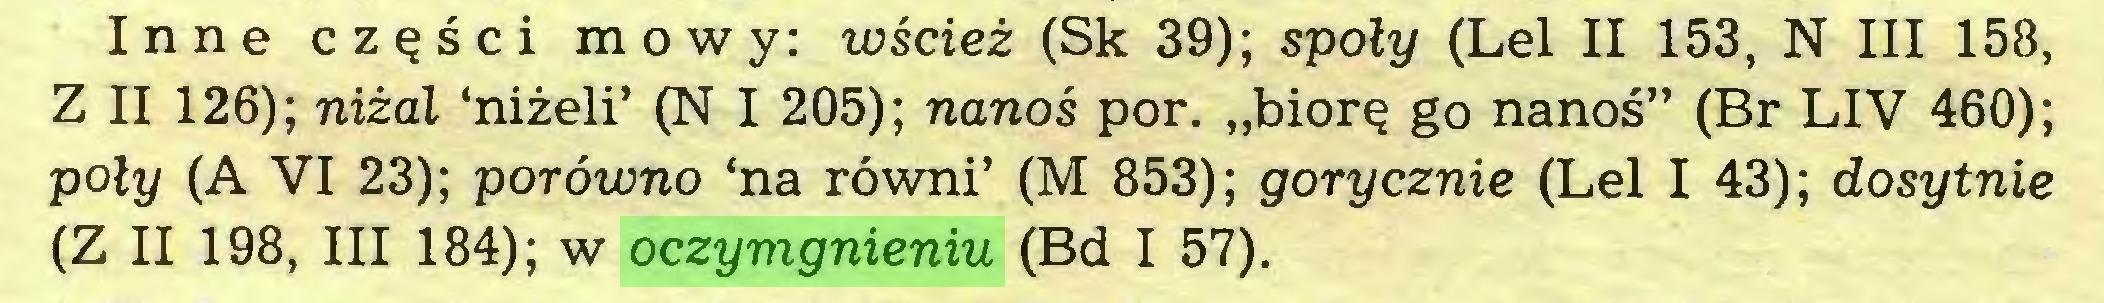 """(...) Inne części mowy: wścież (Sk 39); społy (Lei II 153, N III 158, Z II 126); niżal 'niżeli' (N I 205); nanoś por. """"biorę go nanoś"""" (Br LIV 460); poły (A VI 23); porówno 'na równi' (M 853); gorycznie (Lei I 43); dosytnie (Z II 198, III 184); w oczymgnieniu (Bd I 57)..."""